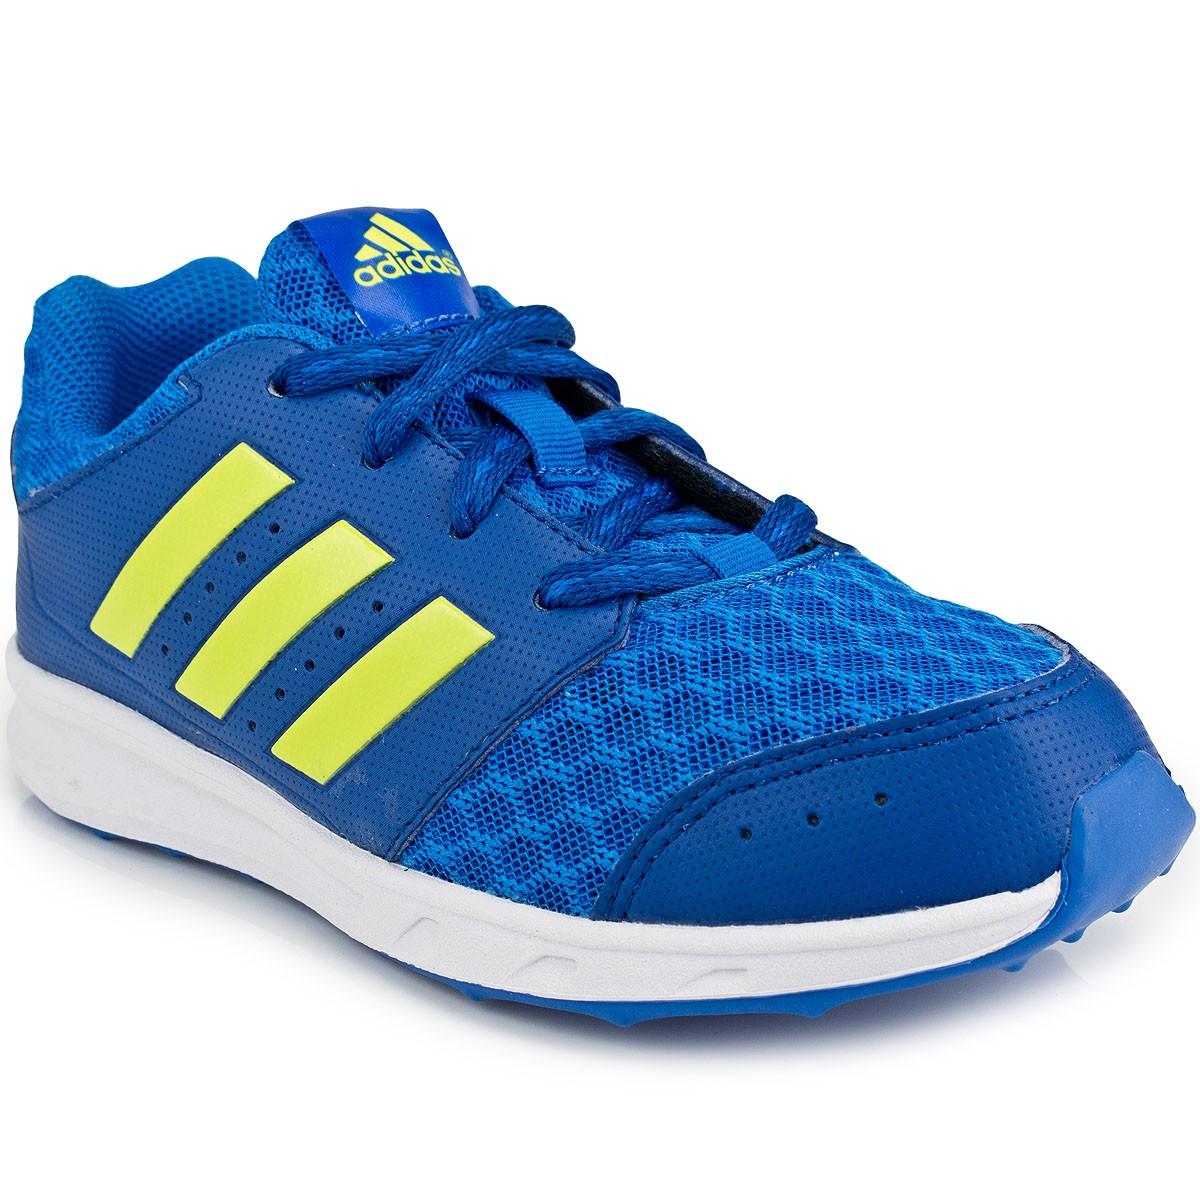 56b6fabf14f Tênis Adidas LK Sport 2 K Text